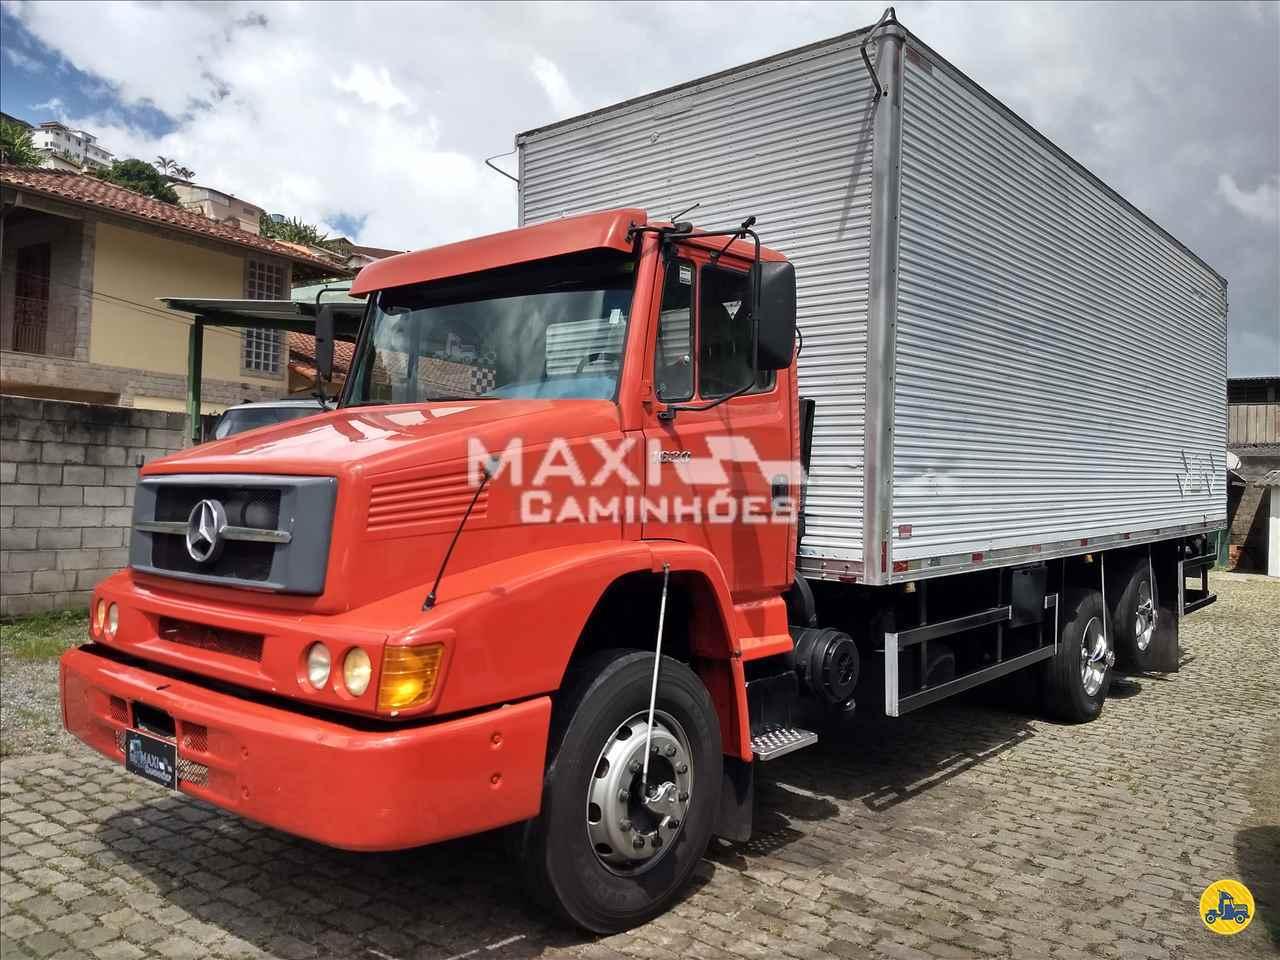 CAMINHAO MERCEDES-BENZ MB 1620 Baú Furgão Truck 6x2 Maxi Caminhões TERESOPOLIS RIO DE JANEIRO RJ